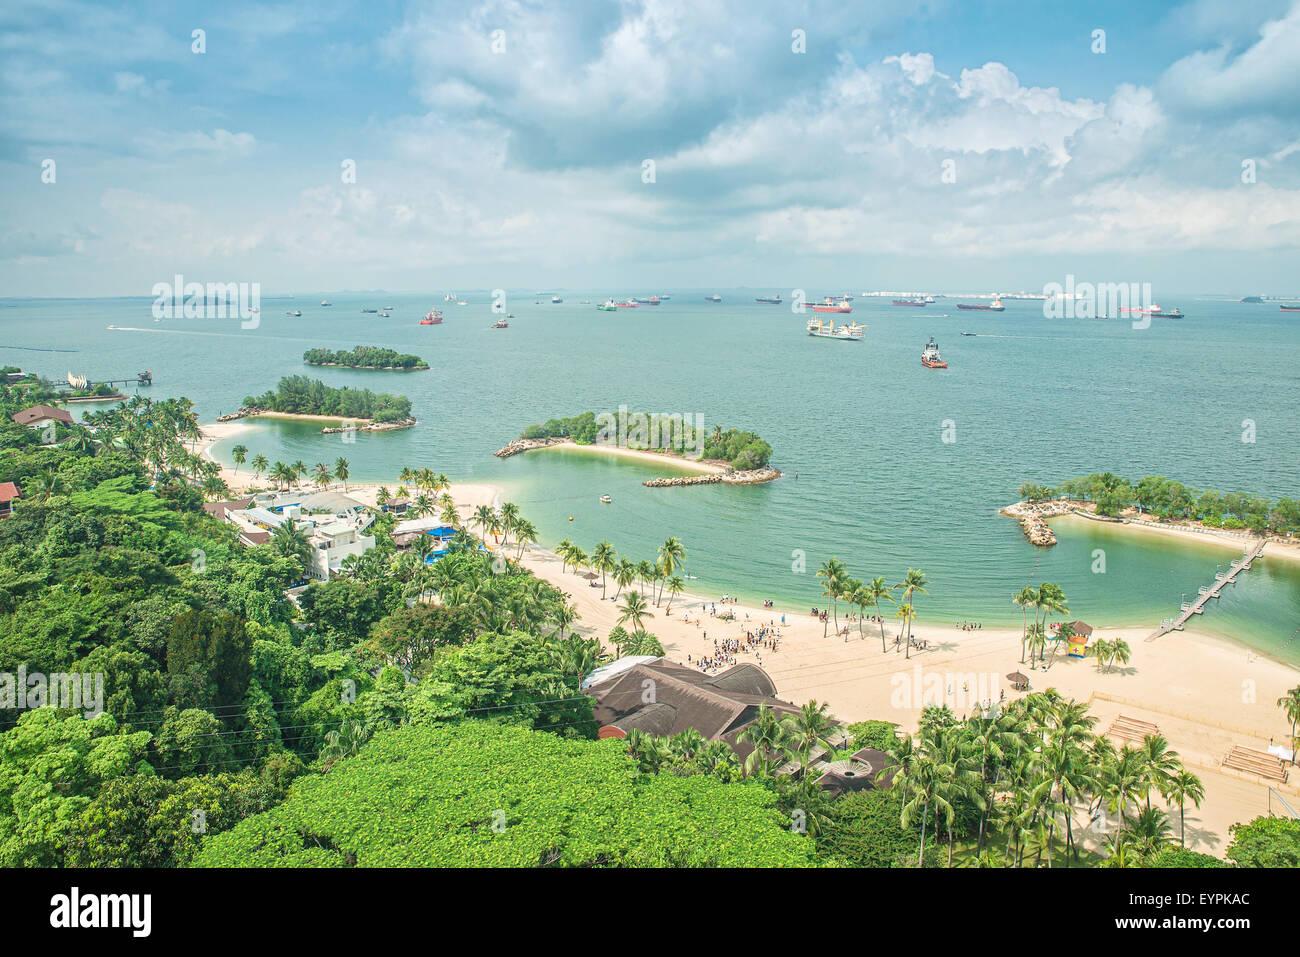 Vista aerea della spiaggia a Sentosa island, Singapore Immagini Stock